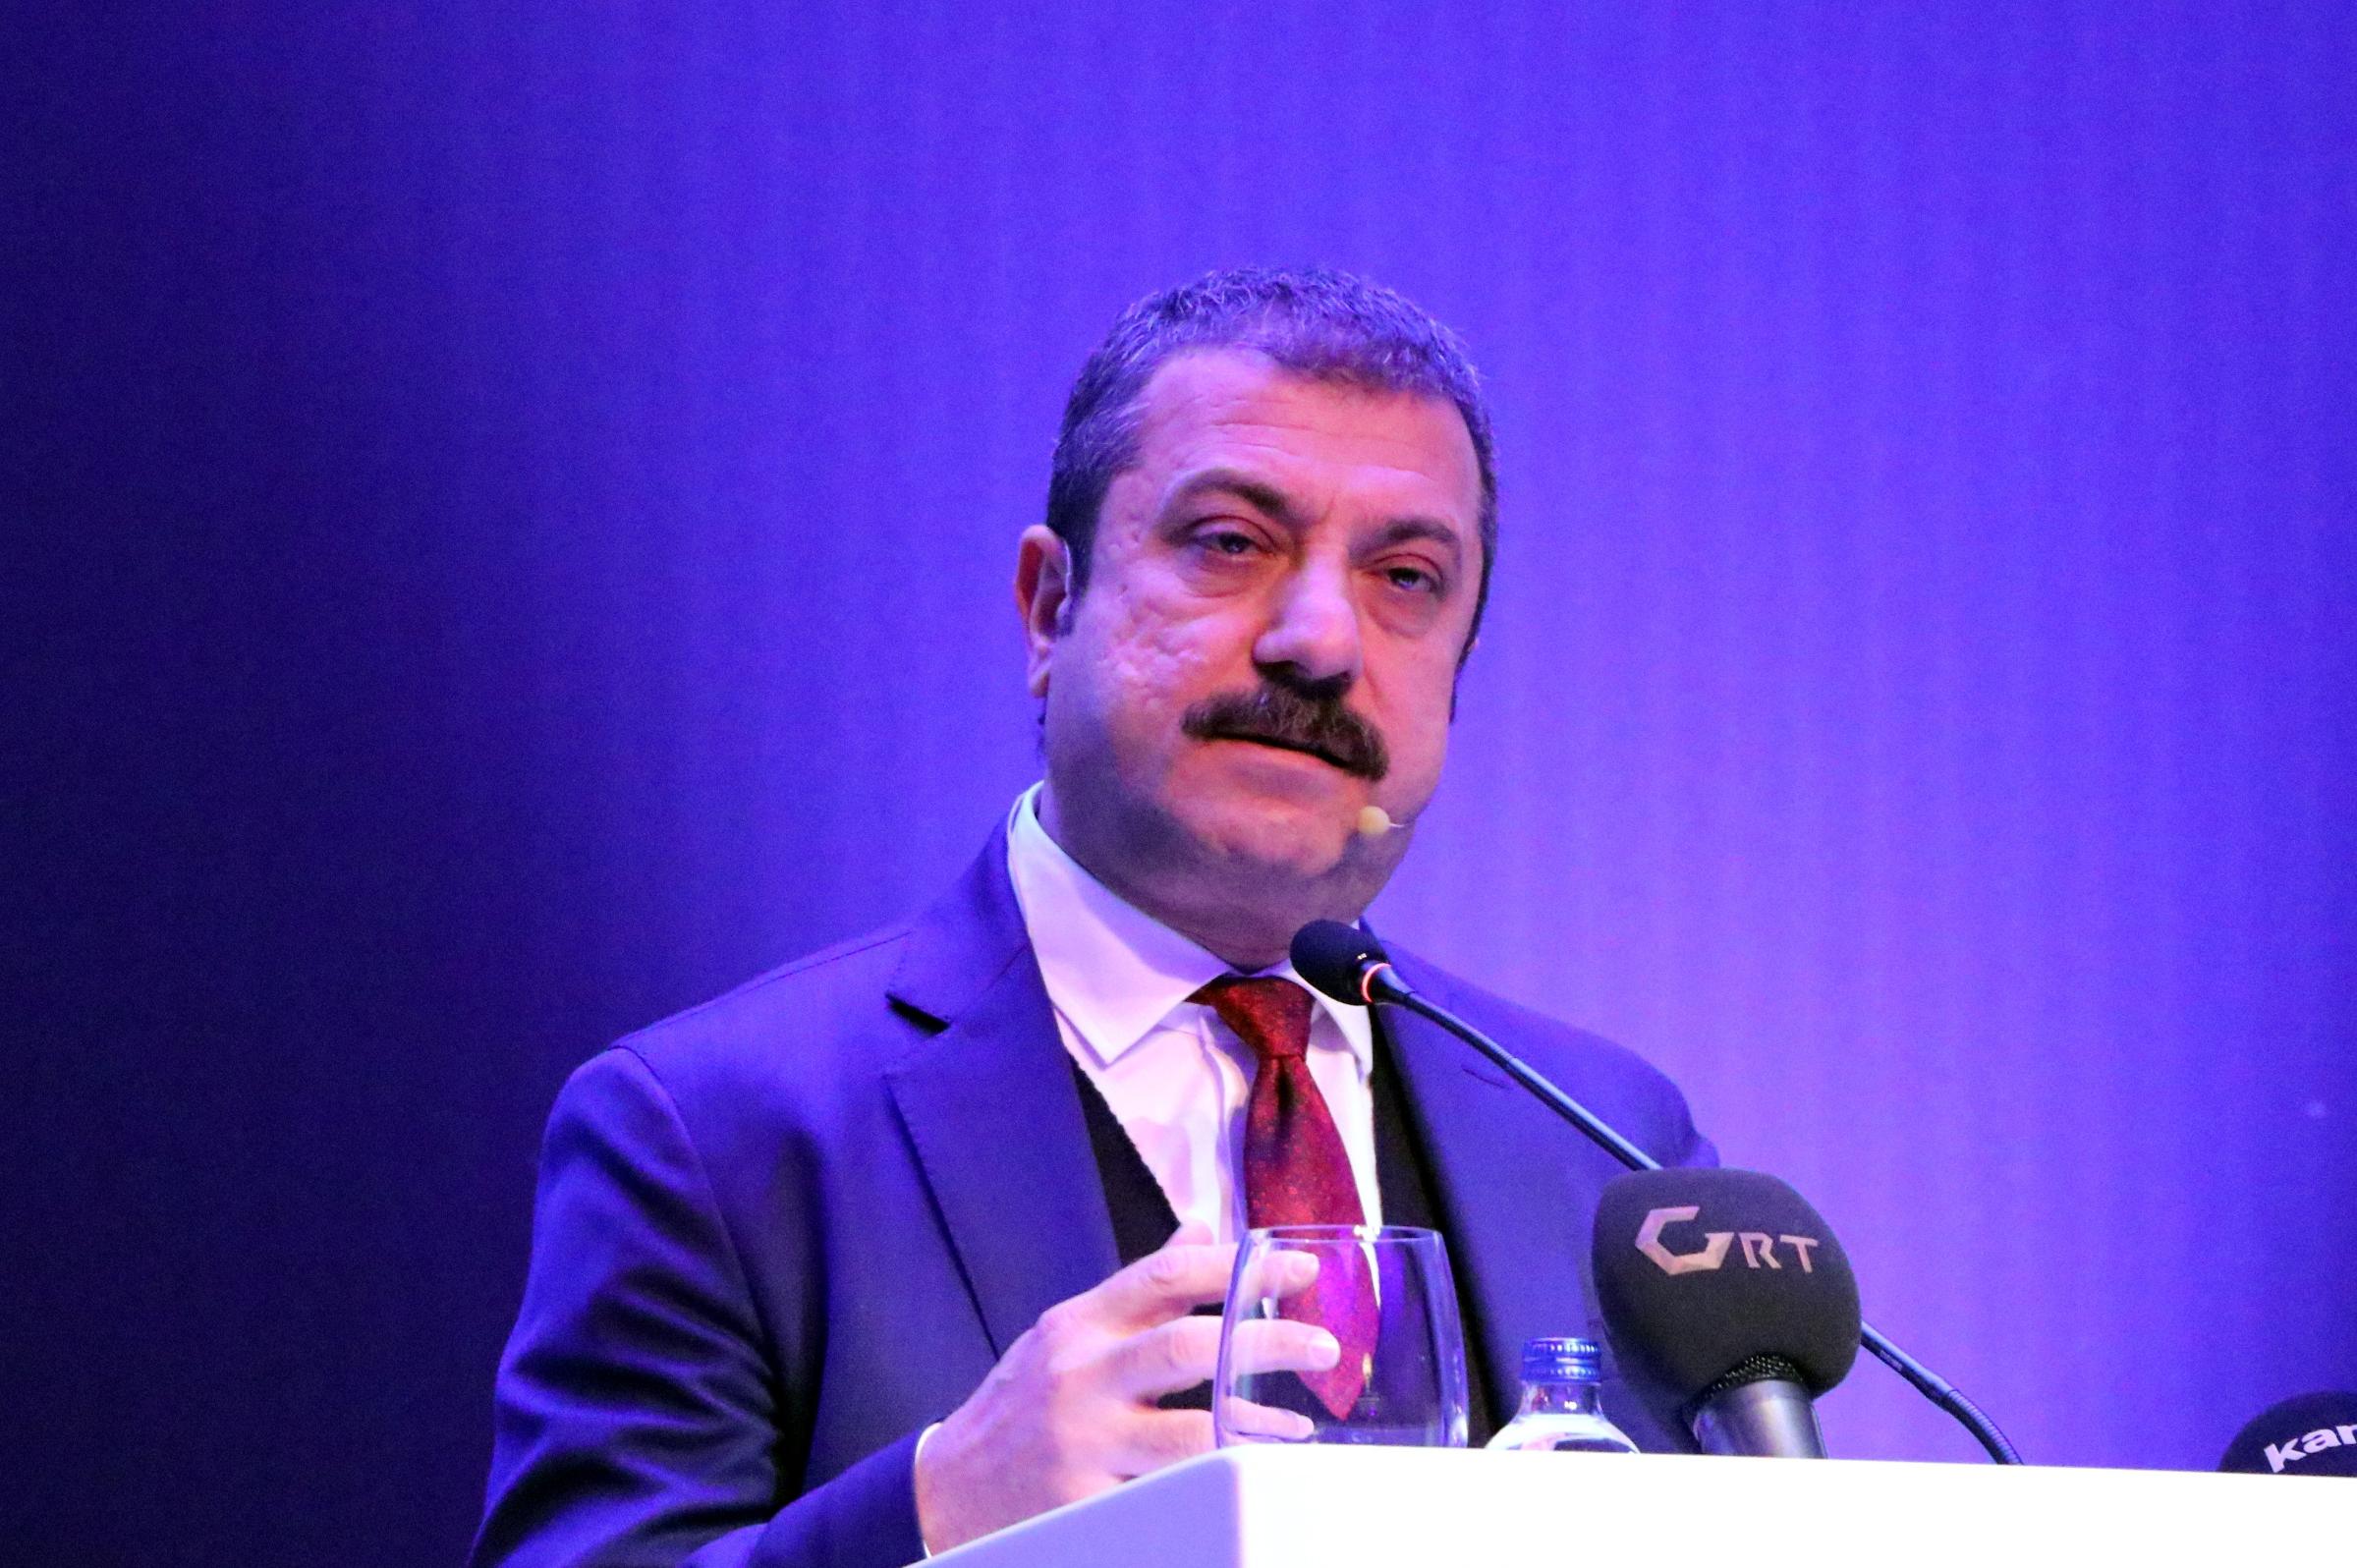 Merkez Bankası'nda görev değişikliği! Naci Ağbal'ın yerine Şahap Kavcıoğlu getirildi